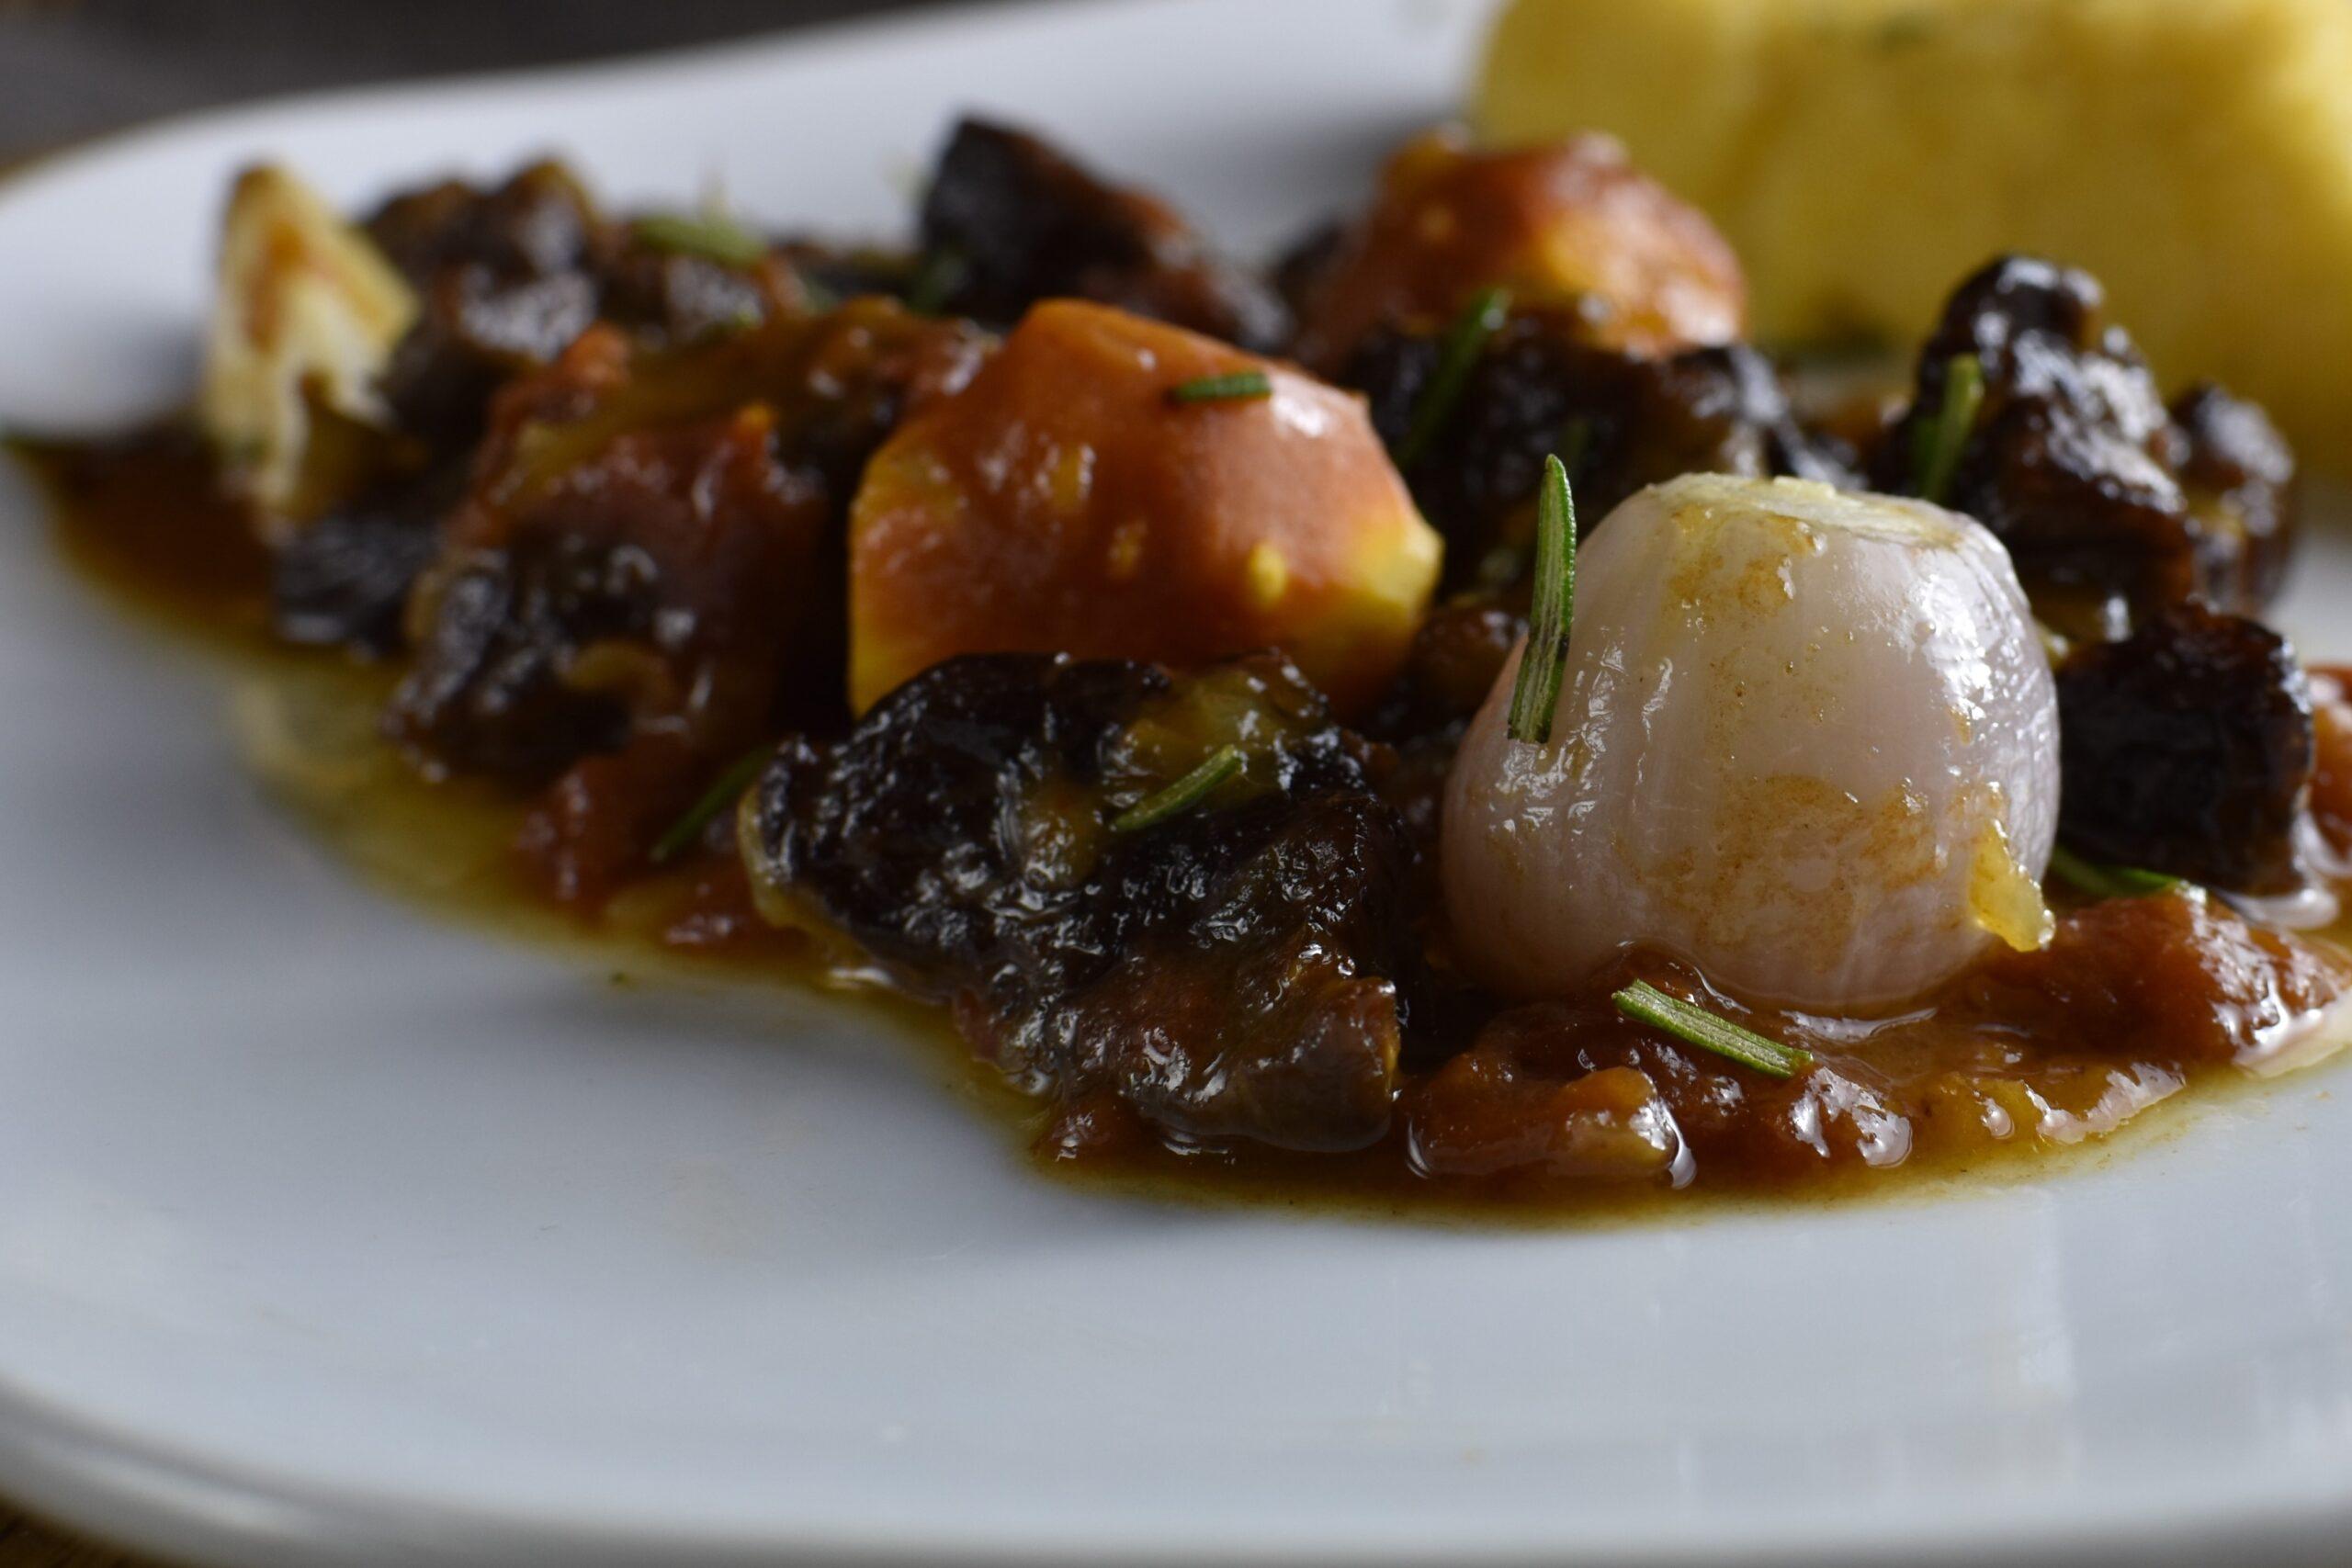 Βουβάλι με καρότα, κρεμμύδι και ολόκληρες σκελίδες σκόρδου